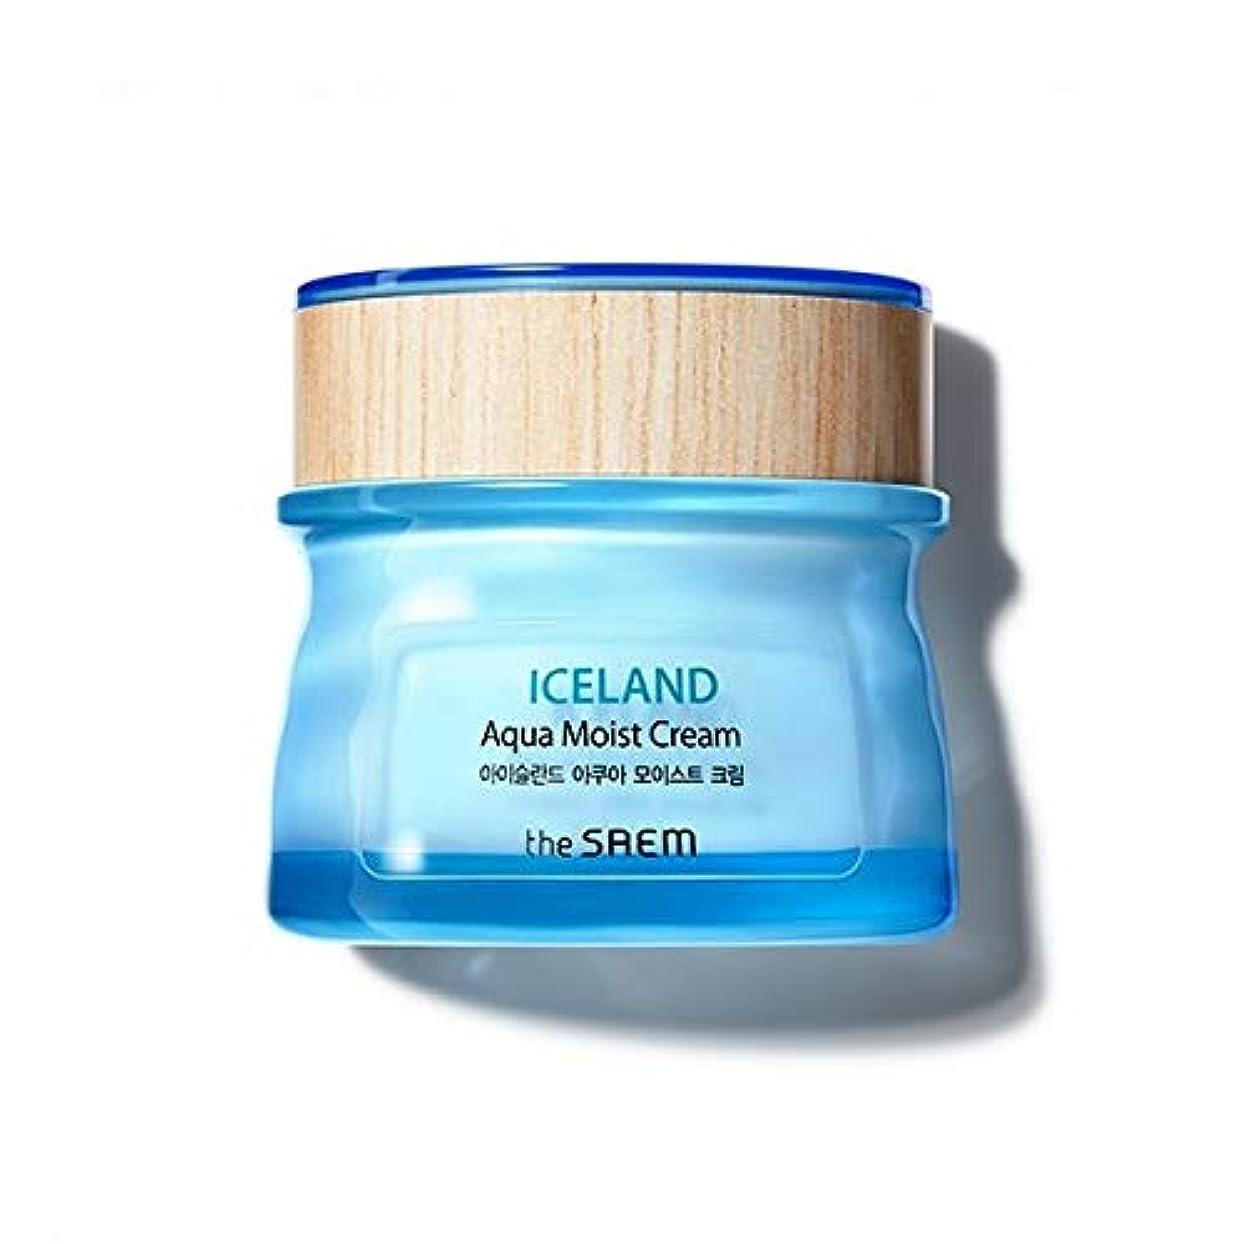 南極記録見えないThe saem Iceland Apua Moist Cream ザセム アイスランド アクア モイスト クリーム 60ml [並行輸入品]